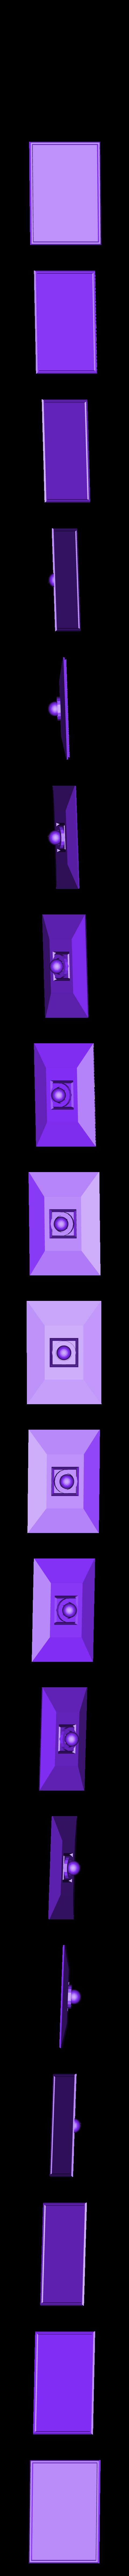 smallscreen.STL Télécharger fichier STL gratuit les images de l'écran déroulant (écran vert) • Objet pour imprimante 3D, Fayeya